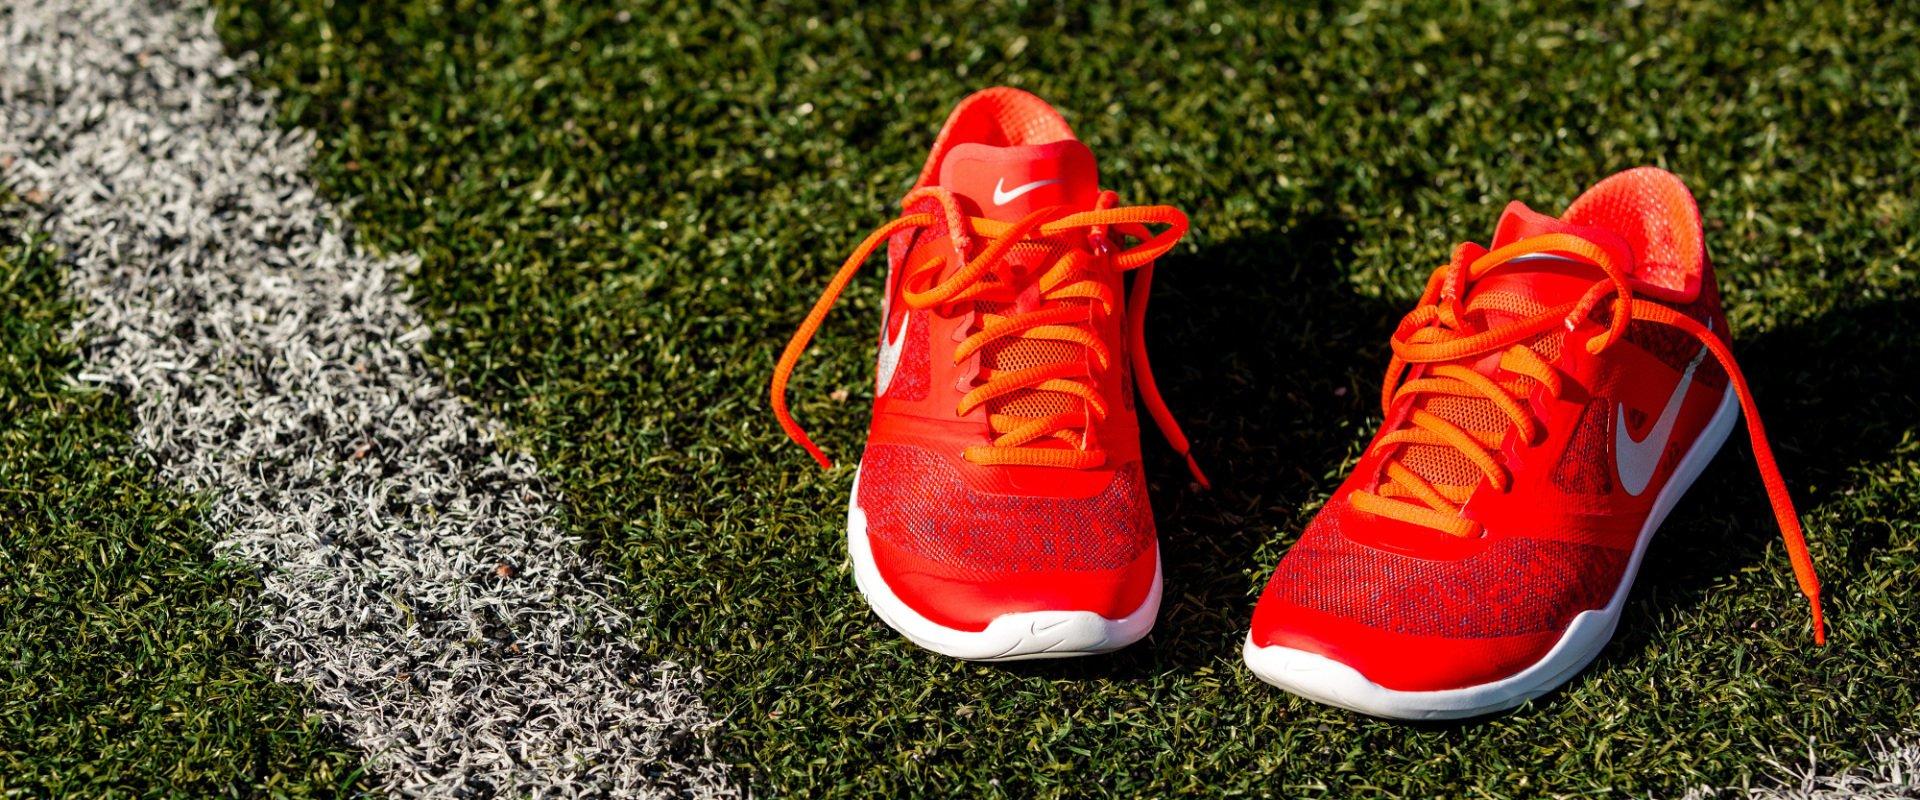 dda38bc5bbef29 Nike - історія створення бренду, розвиток компанії Найк | MEGASPORT